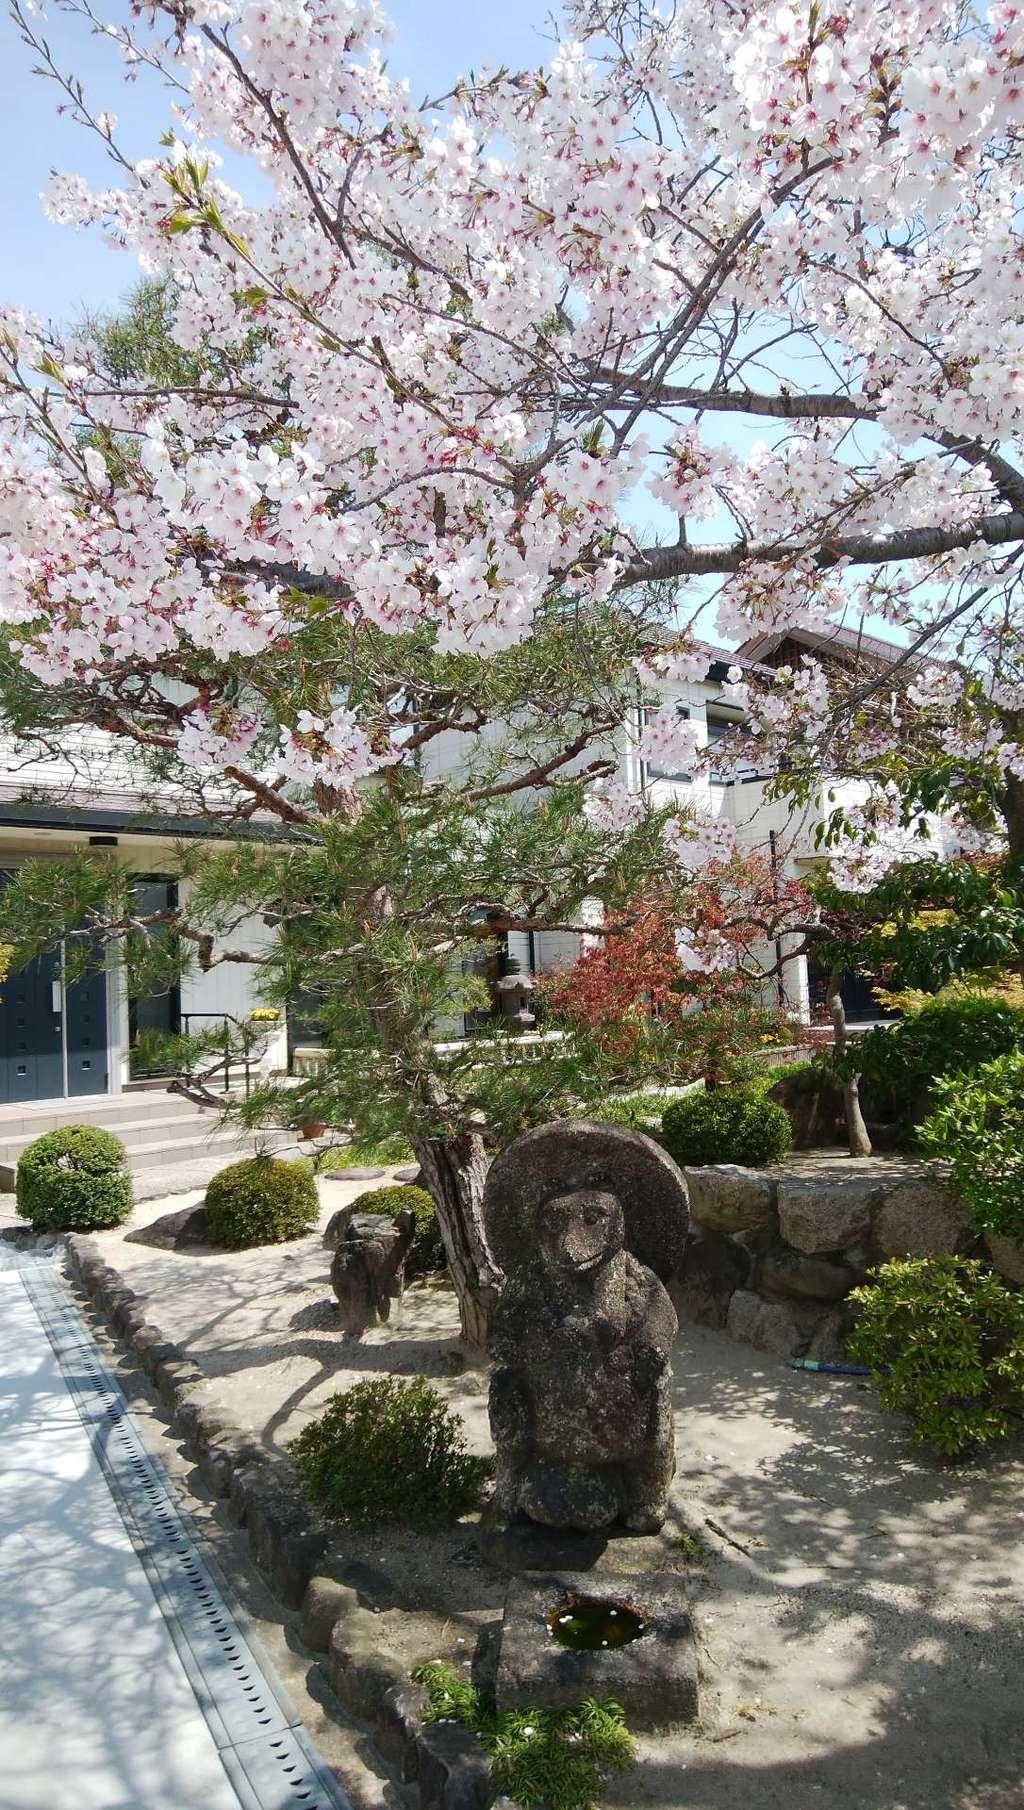 大鏡寺の像